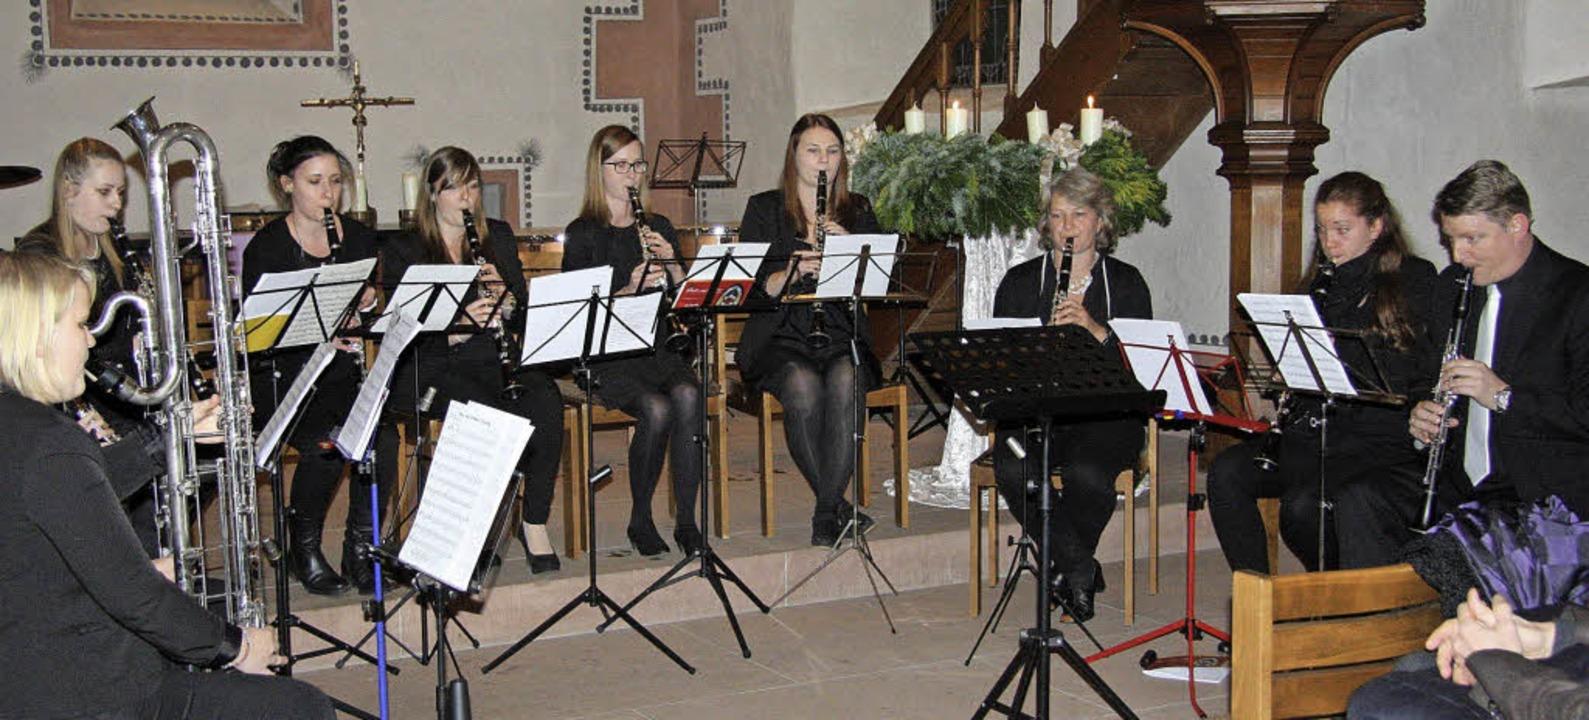 Die Wollbacher Musiker  beim Finale des Lions-Benefizkonzerts in der Dorfkirche  | Foto: BRONNER